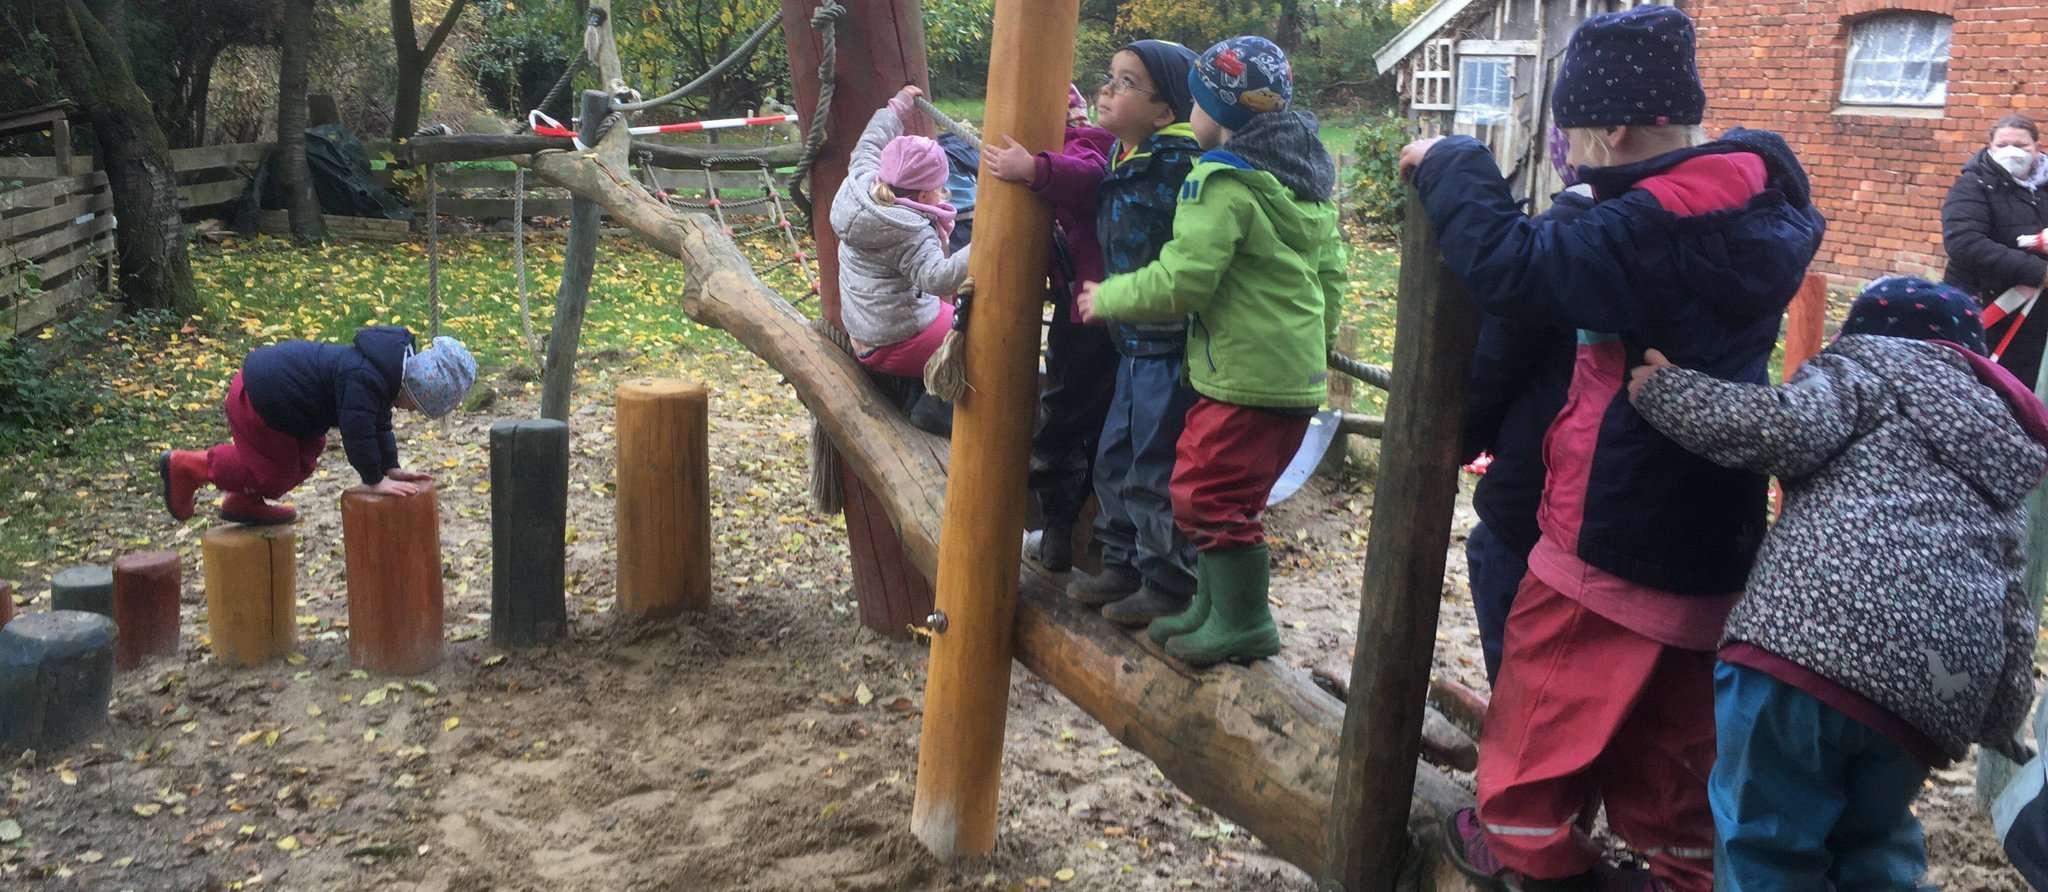 Die Momo-Kinder unterzogen das neue Spielgerät einer eingehenden Prüfung.